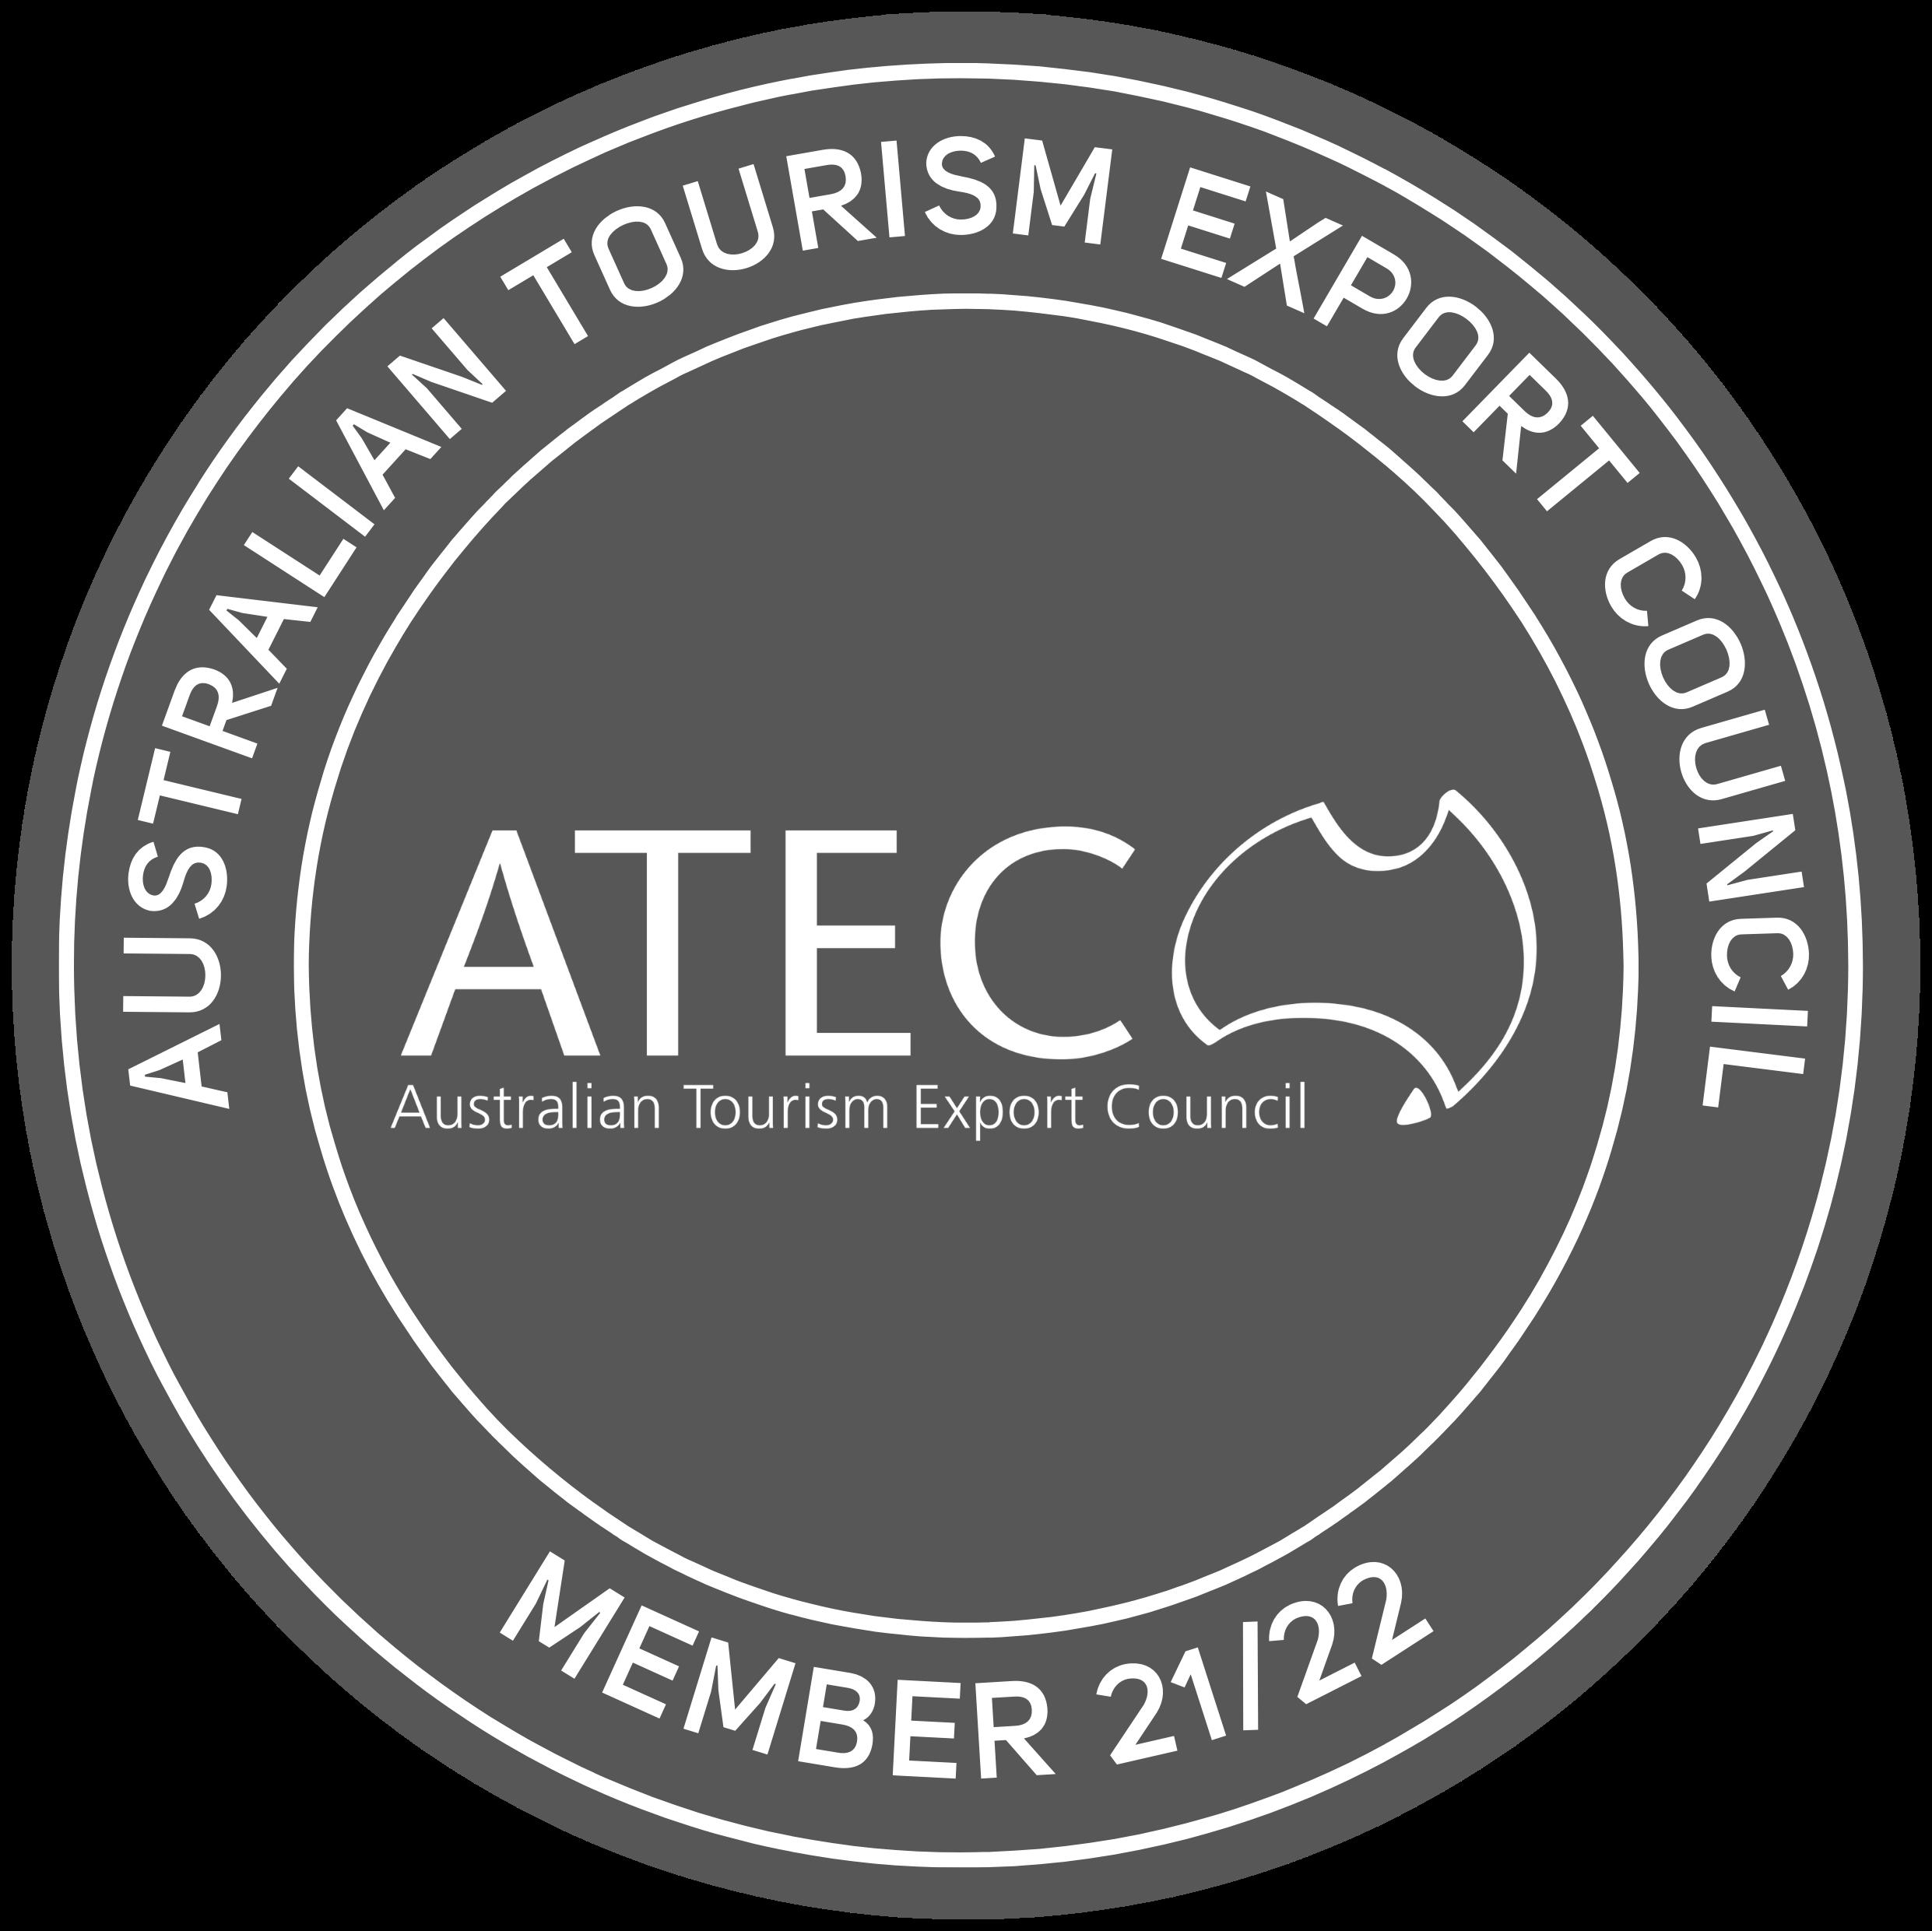 Australian Tourism Export Council Membership